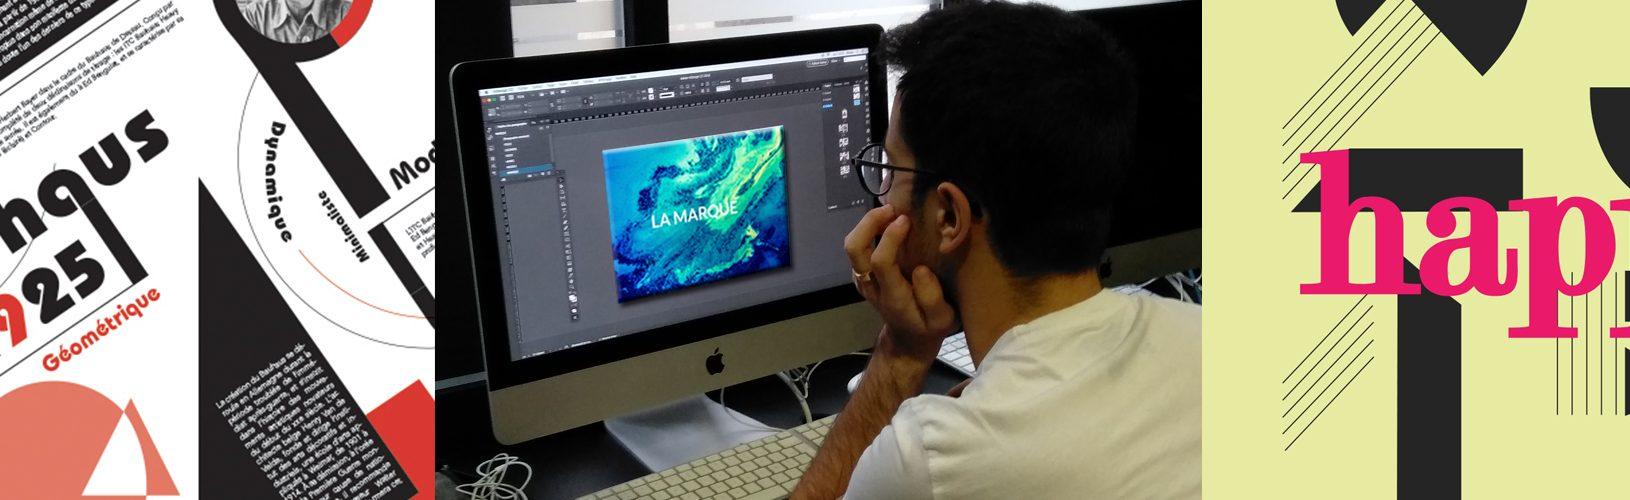 Etude de concepteur multimédias pour le print - ecole de communication visuelle paris Comart